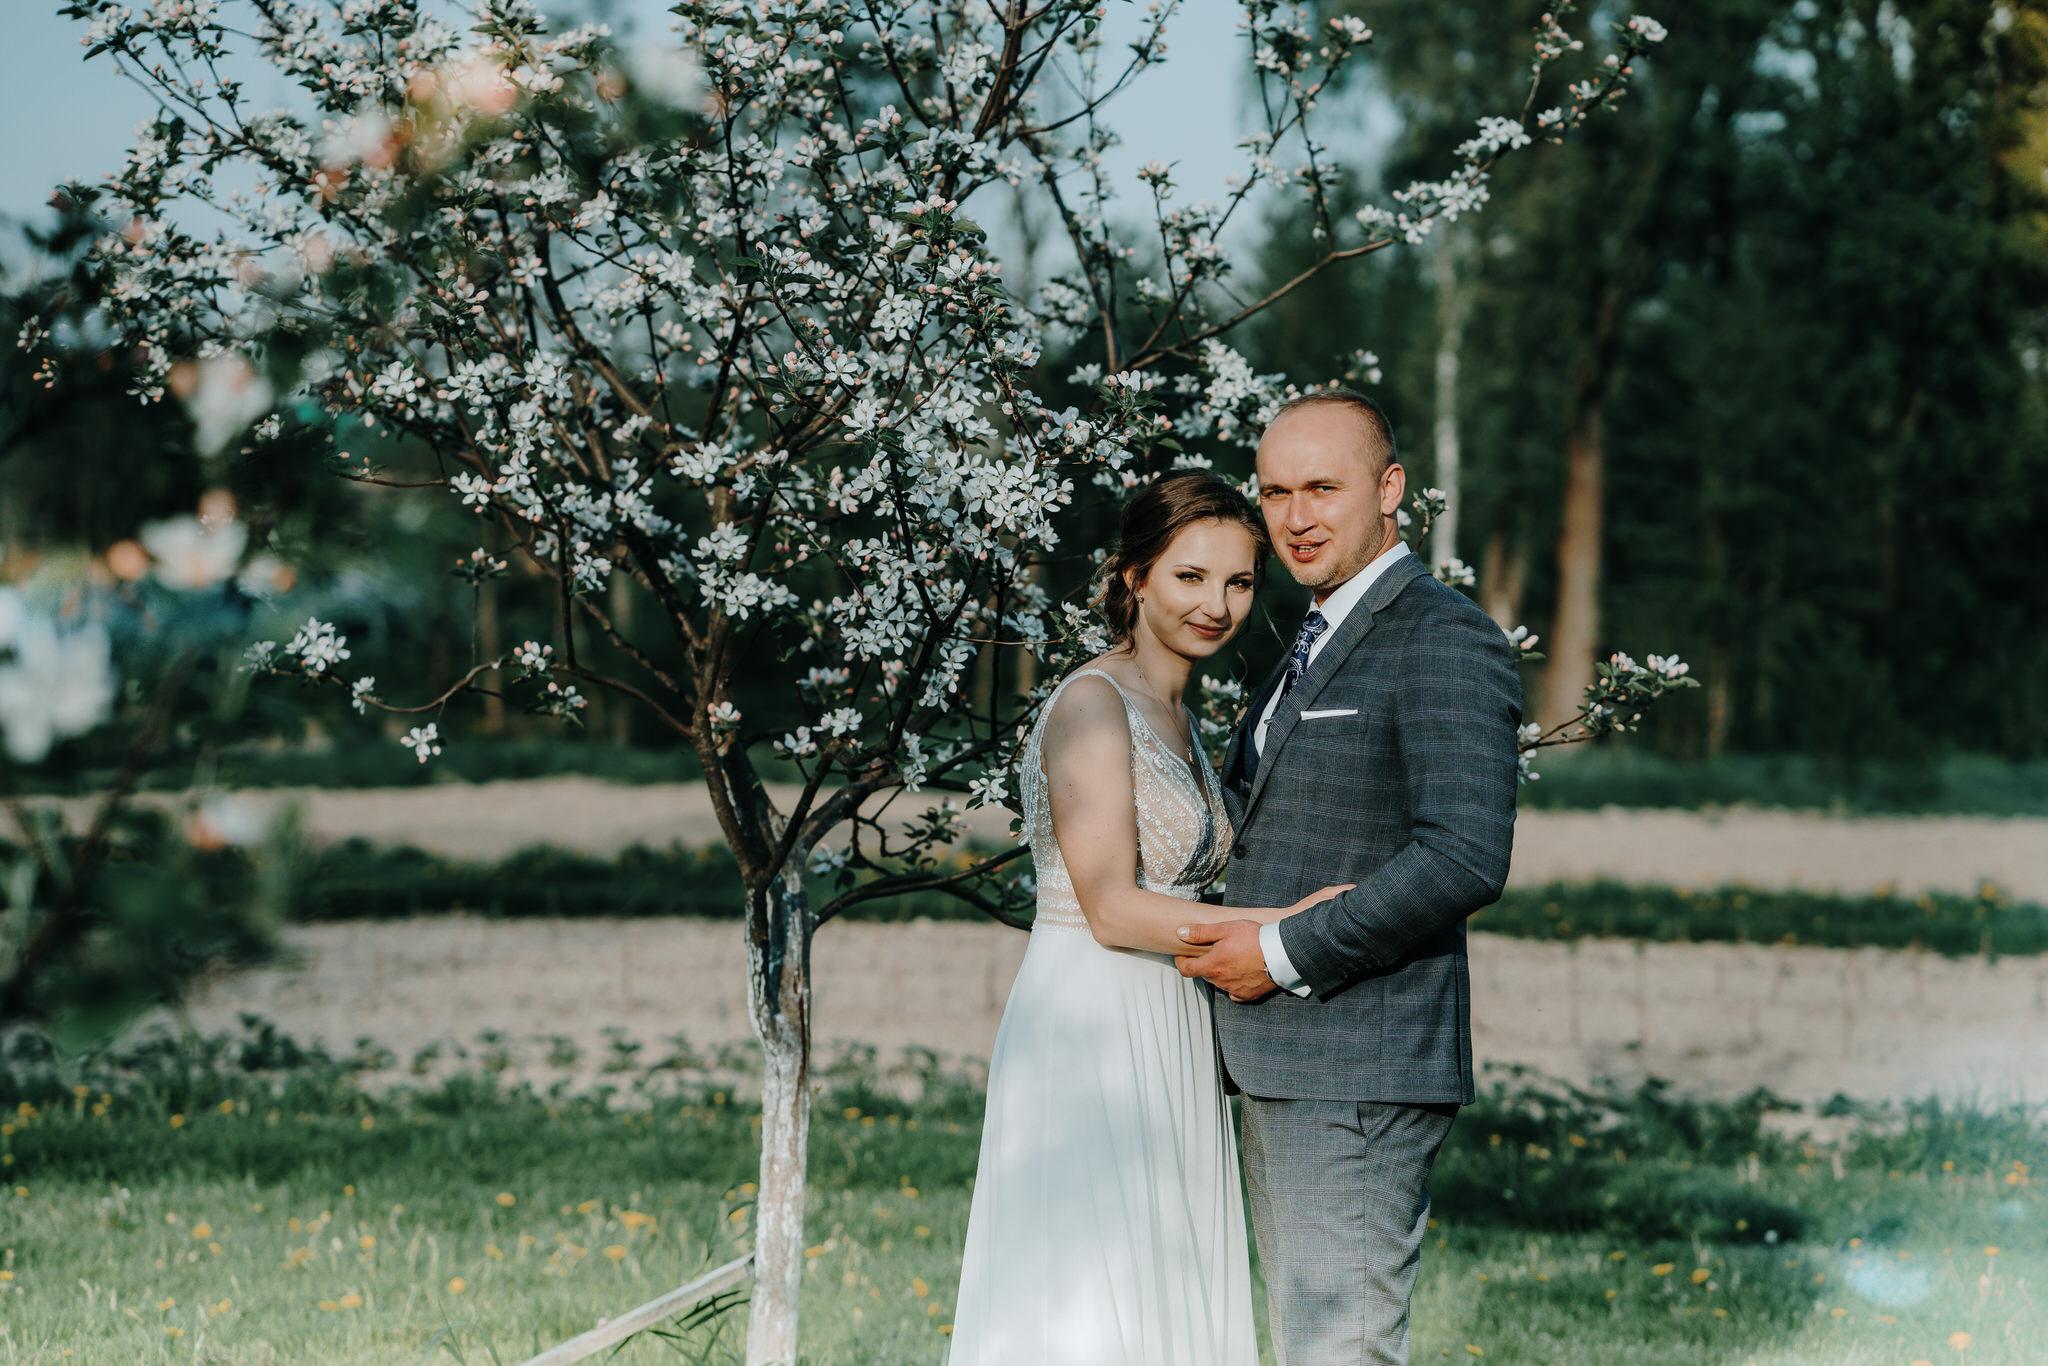 5 wesele rakowka reportaz slubny lubelskie 203 - Wesele w stodole Biłgoraj | 15.05.2021